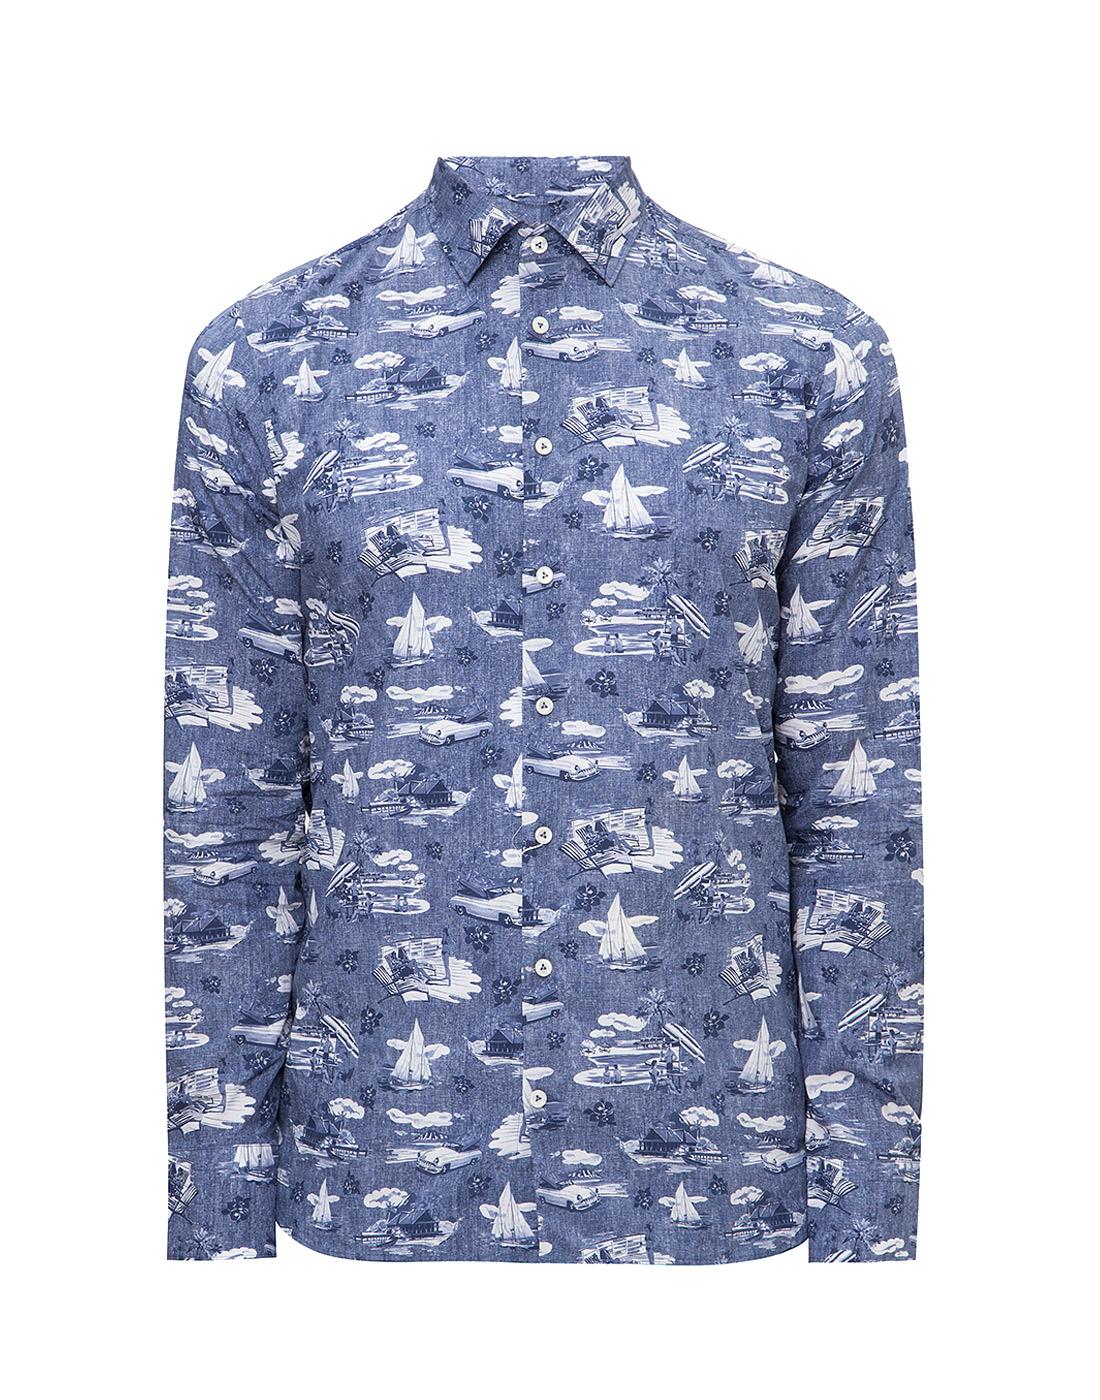 Мужская синяя рубашка с принтом Van Laack S170160/780-1